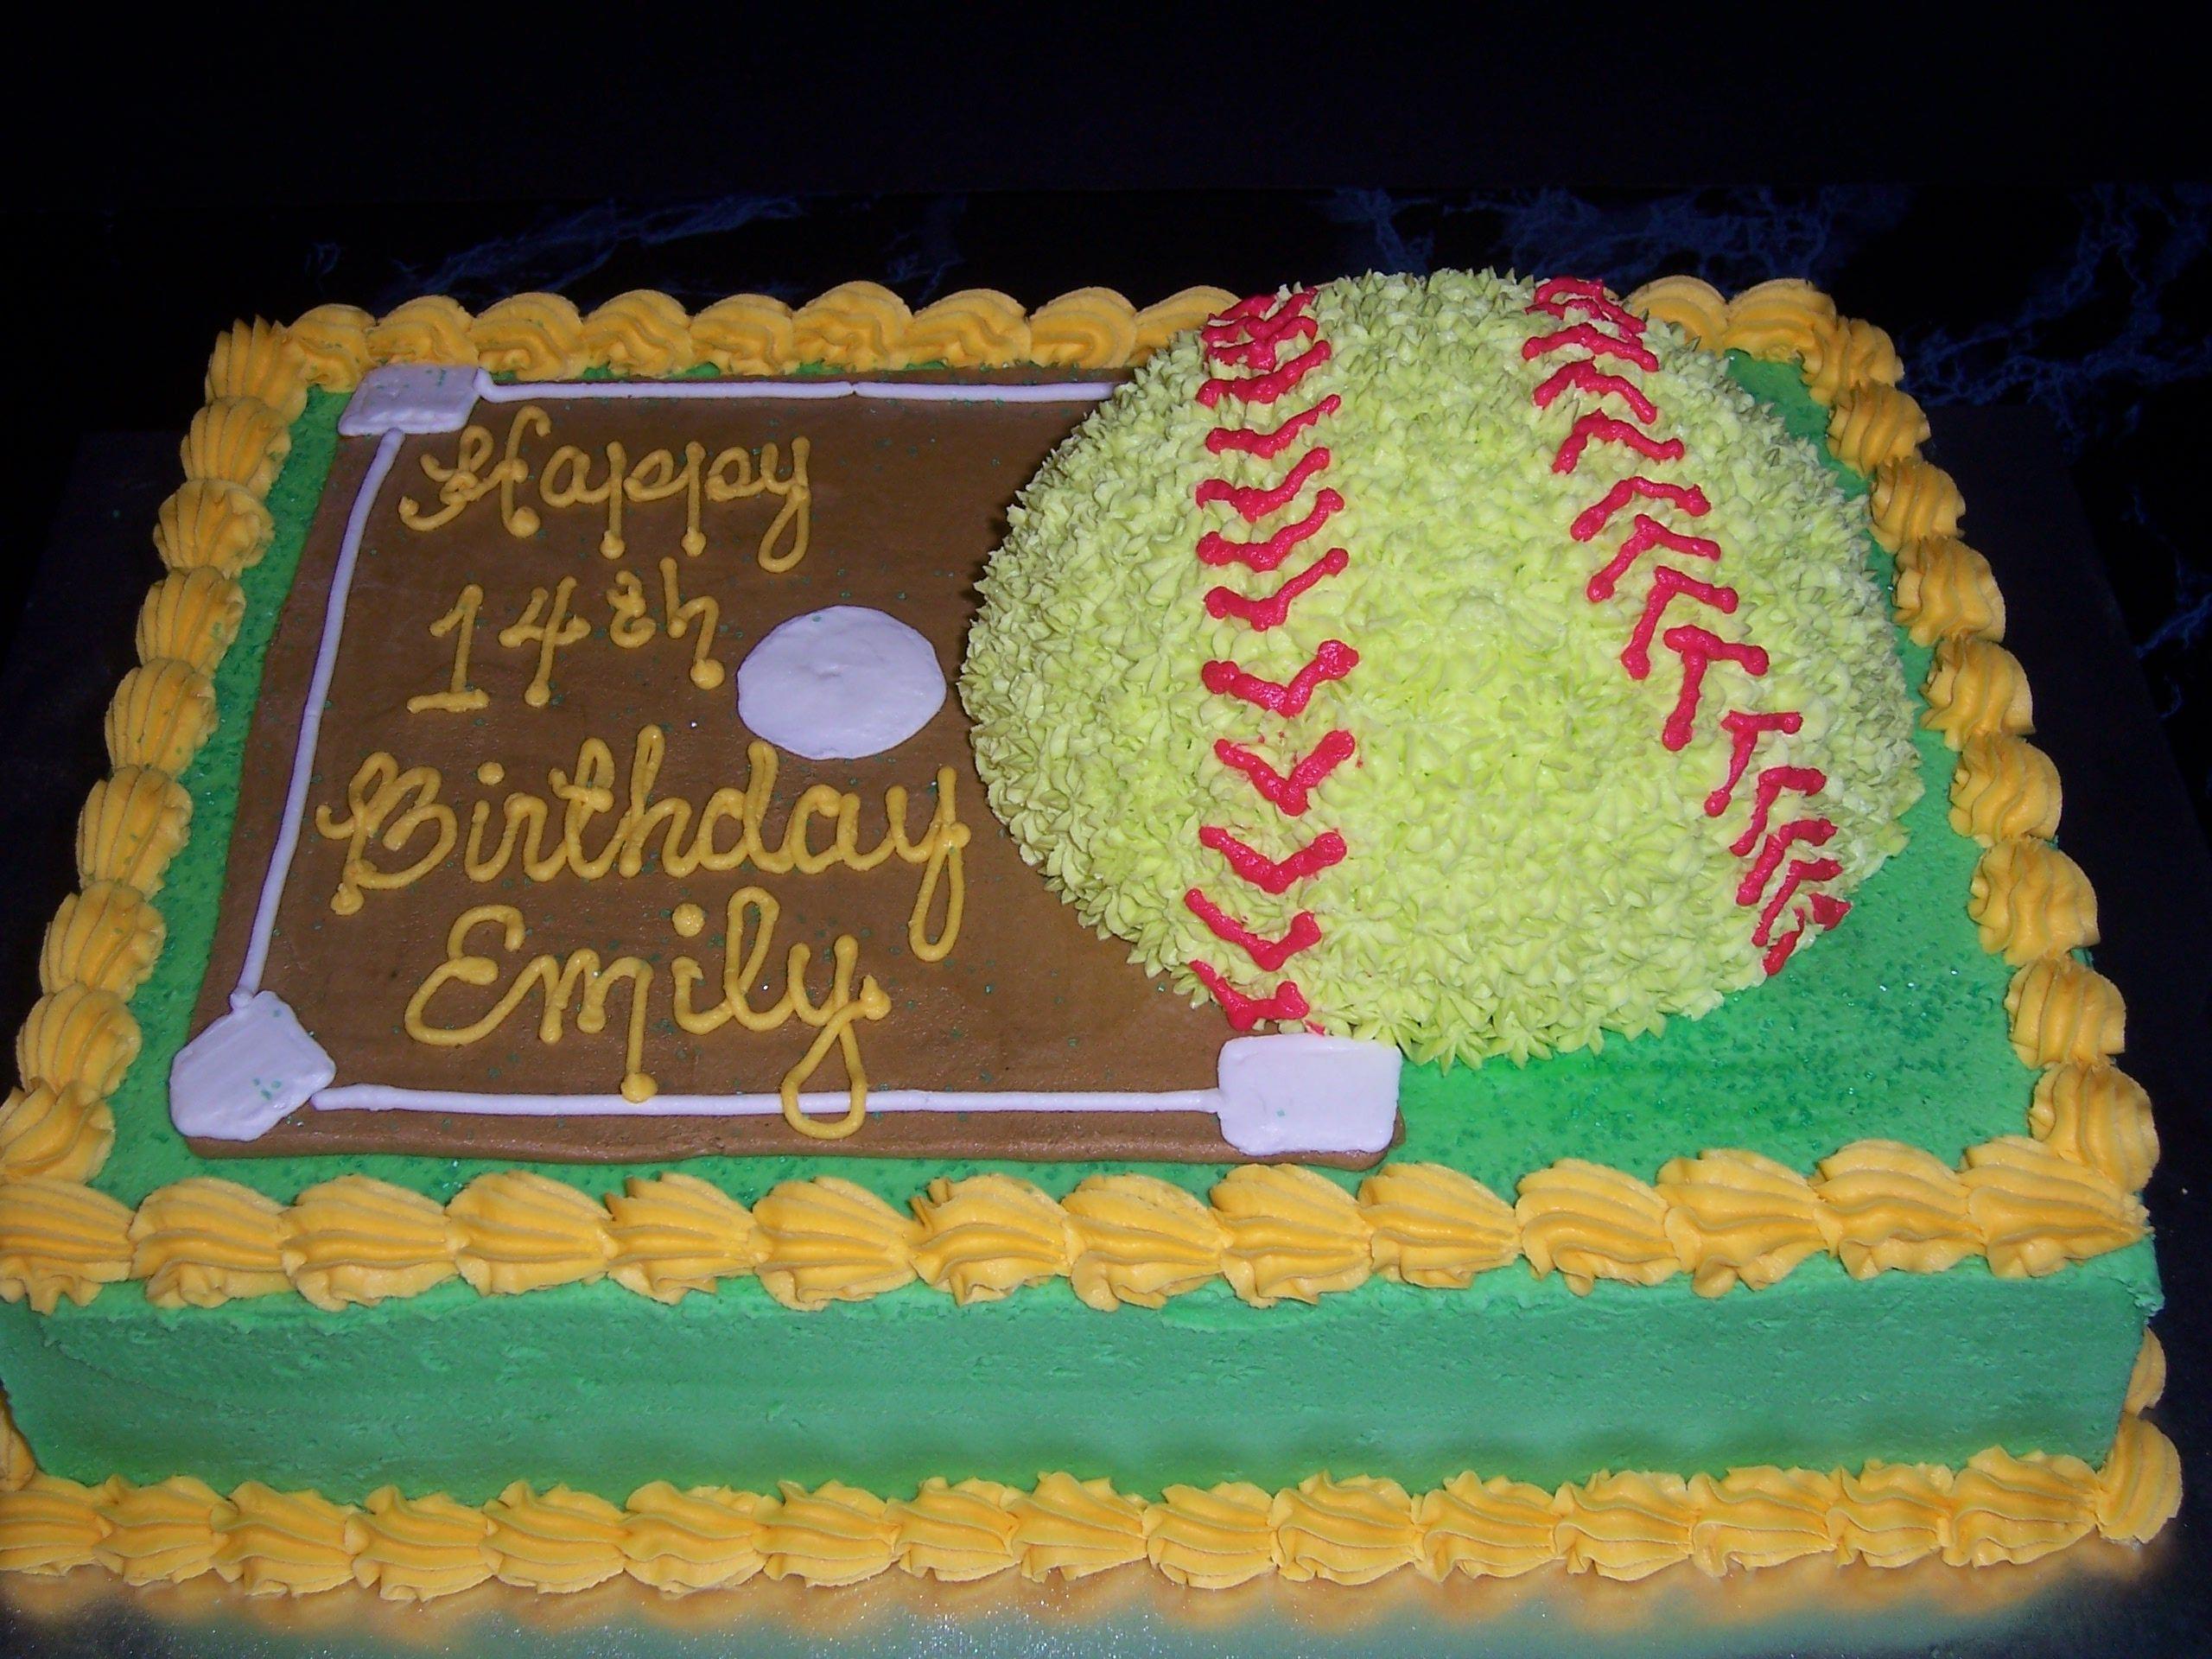 Pleasant Good Softball Cake Design Cakes Verjaardag Mijn Verjaardag Personalised Birthday Cards Paralily Jamesorg